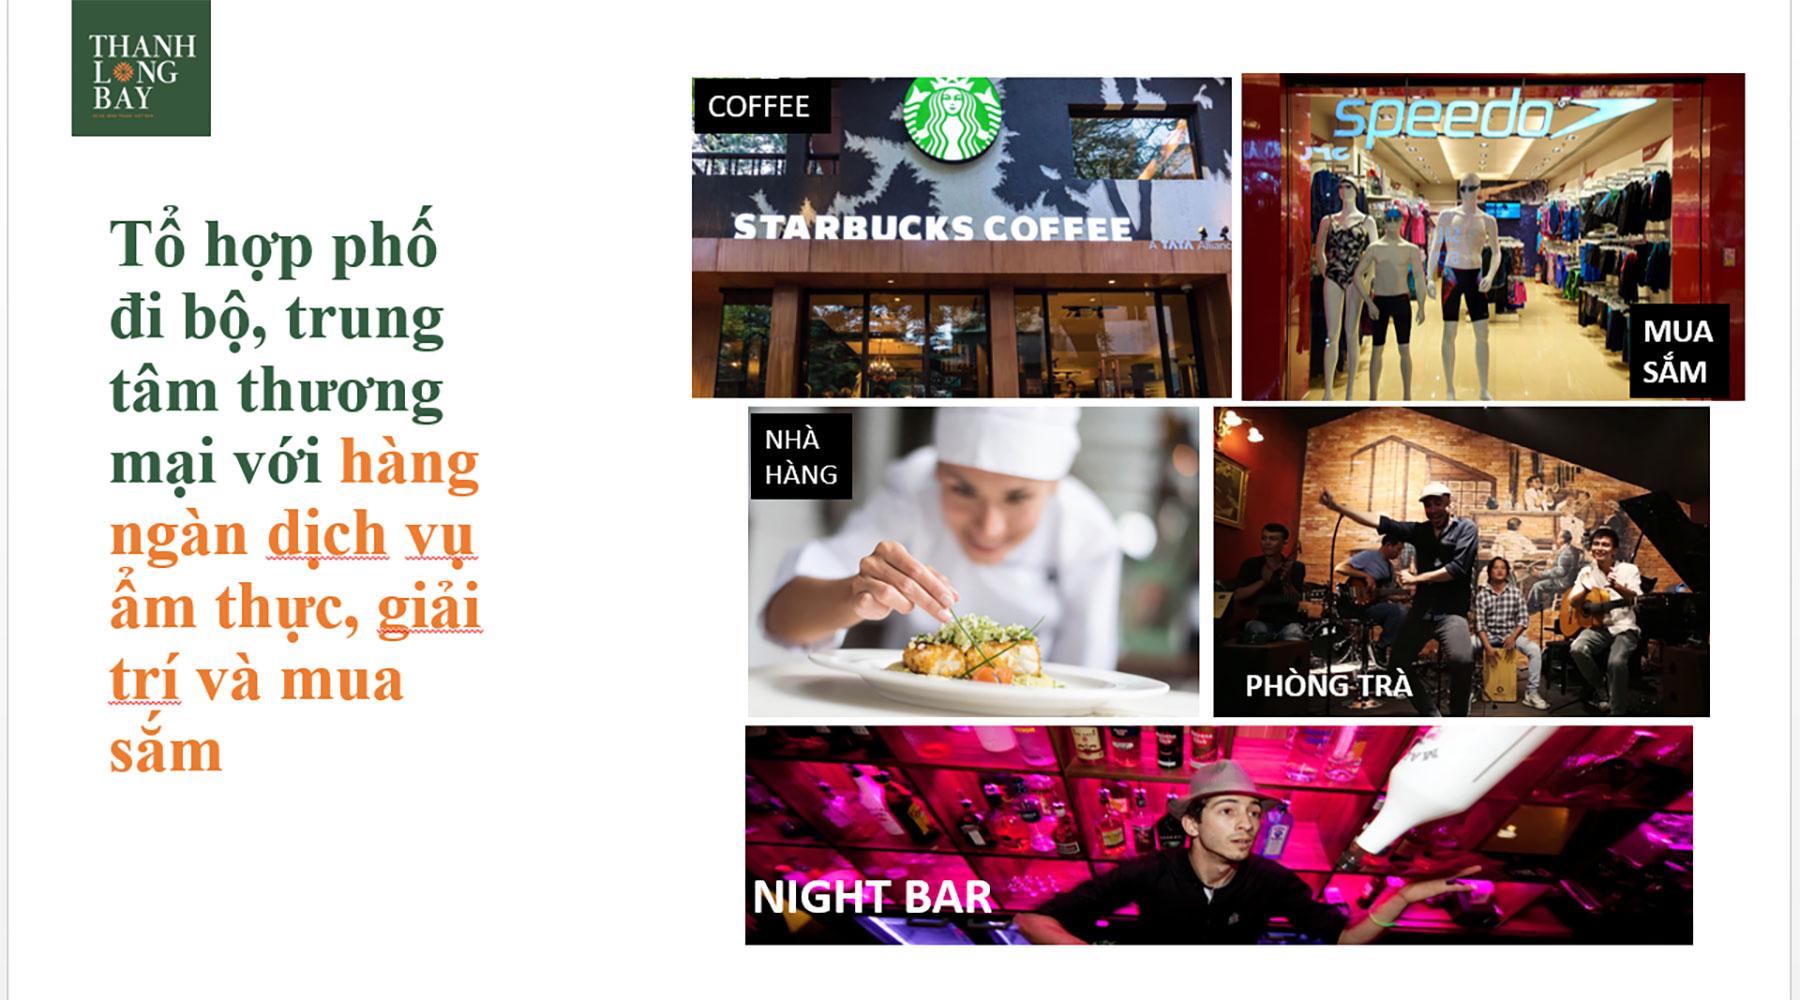 Tiện ích dự án Thanh Long Bay hình 05